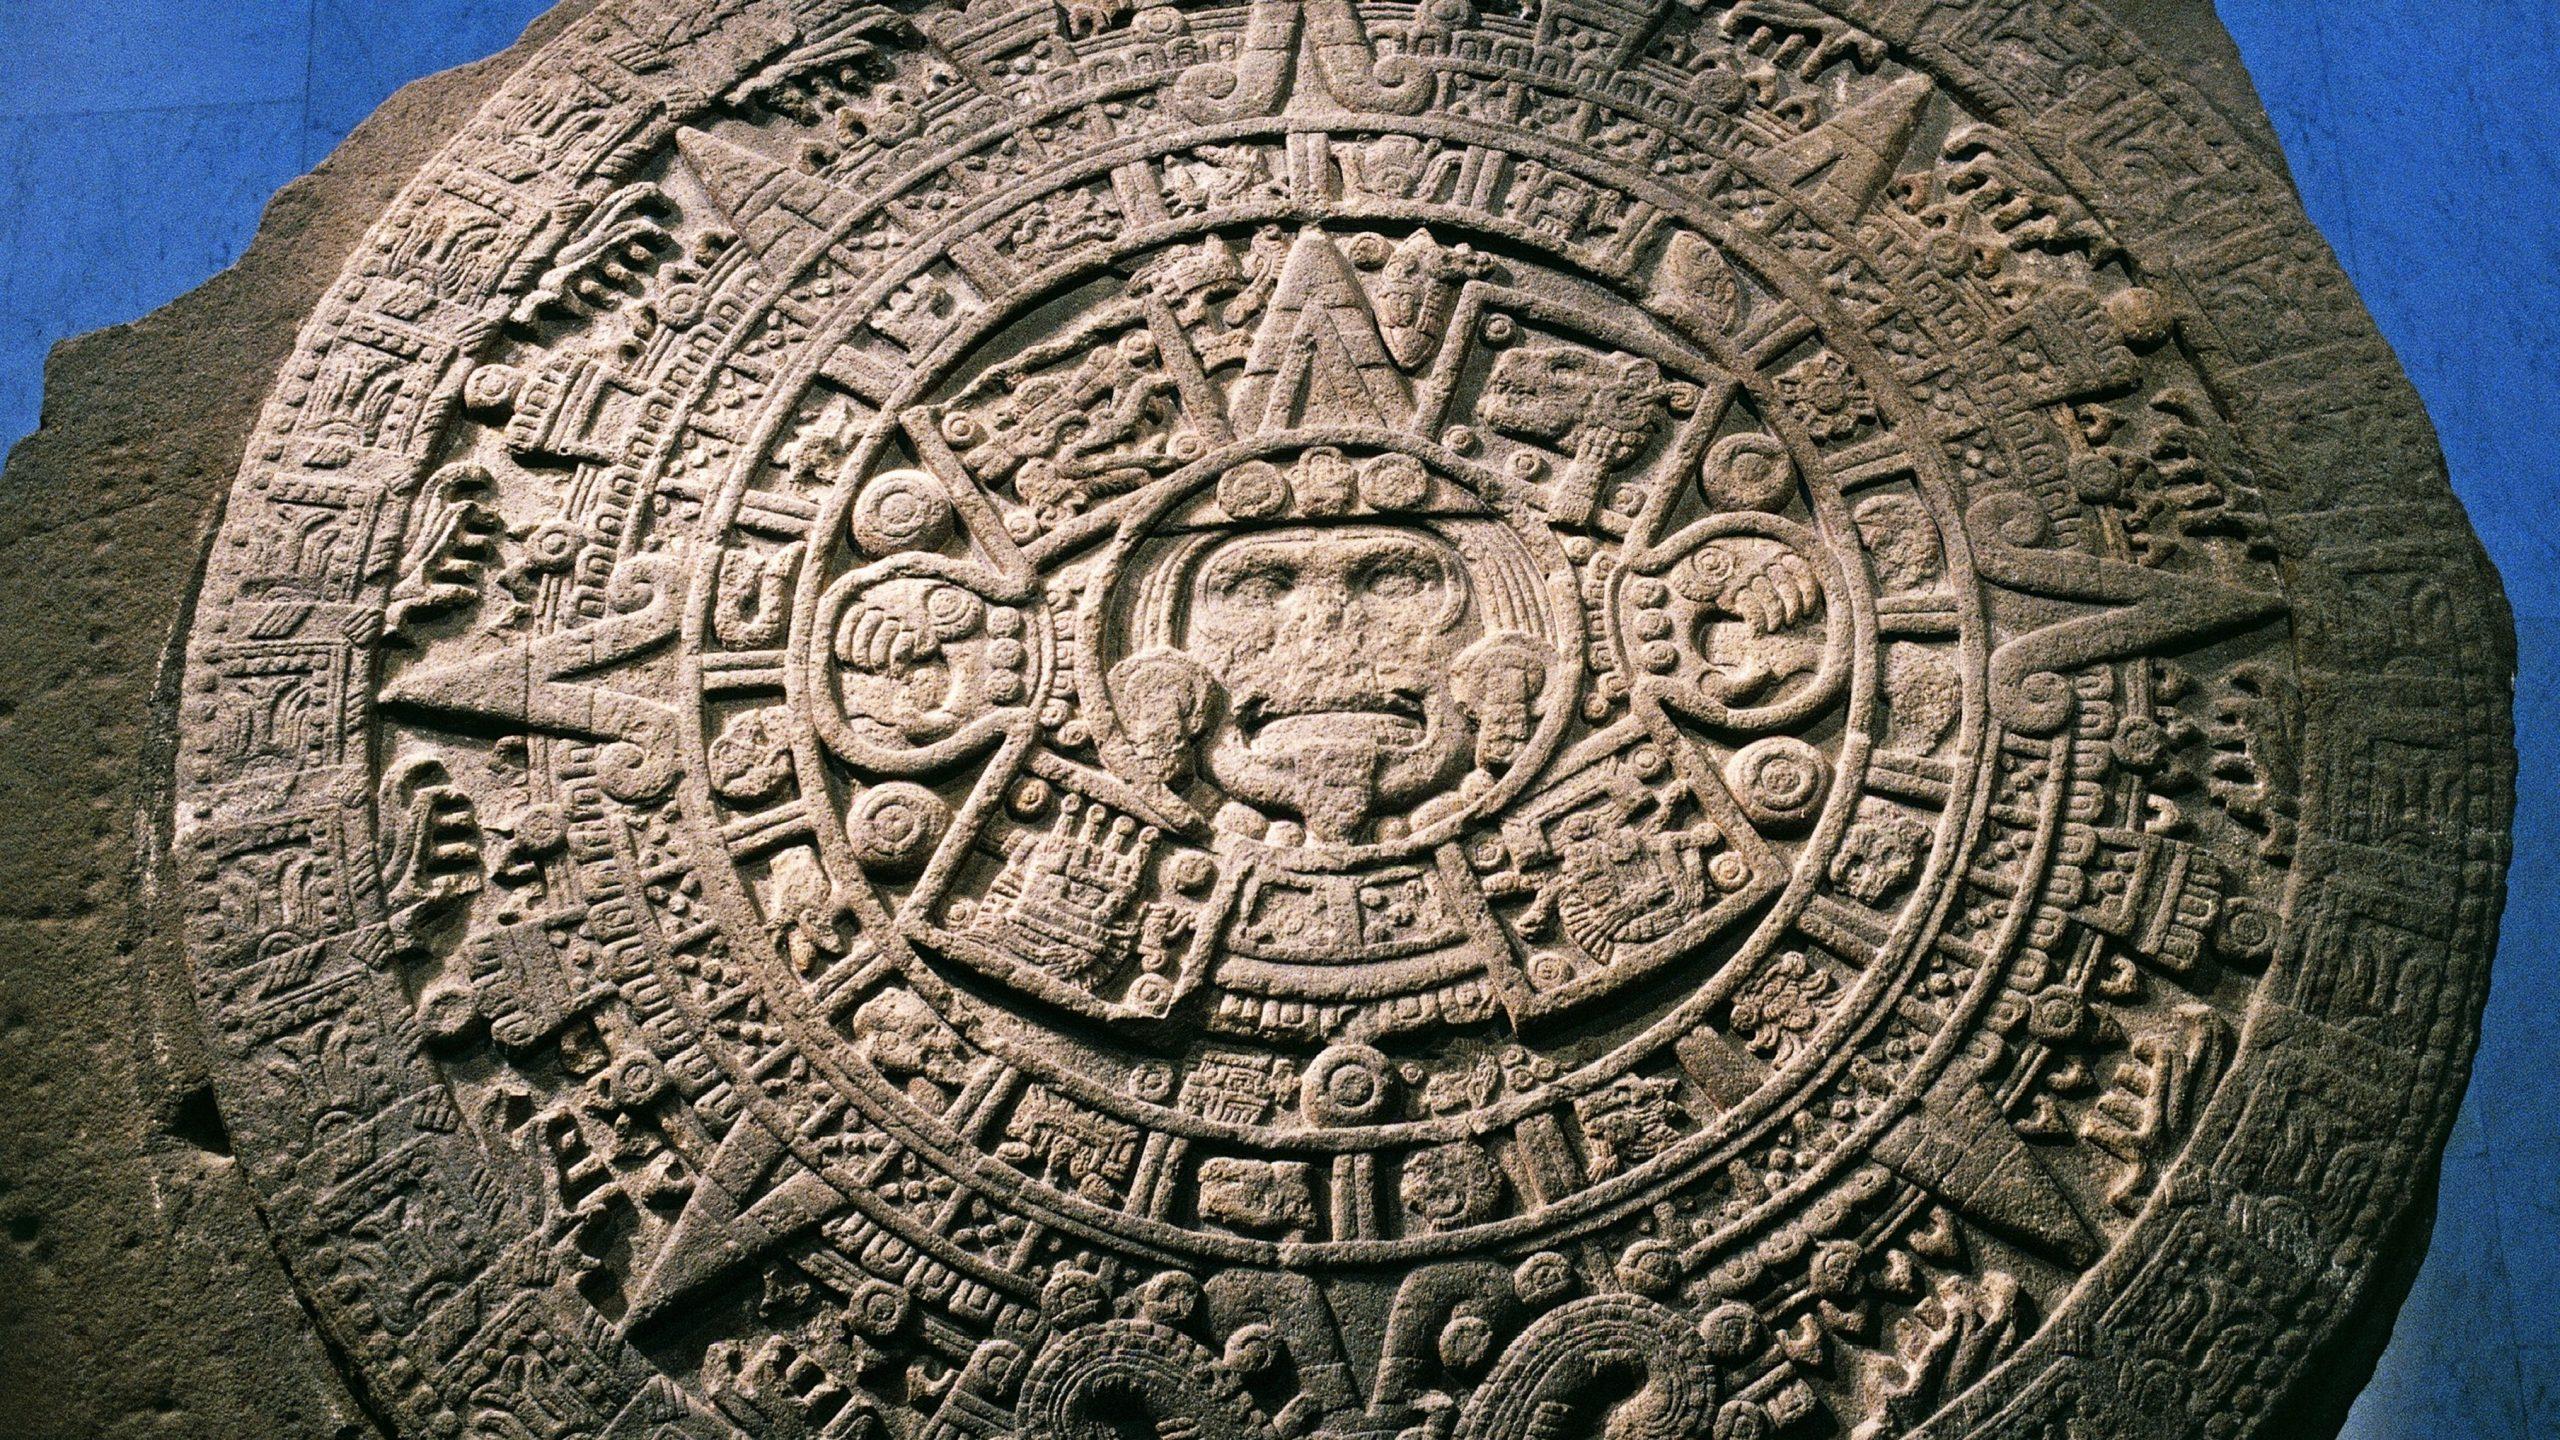 The Aztec Calendar Stone - Not A Calendar After All